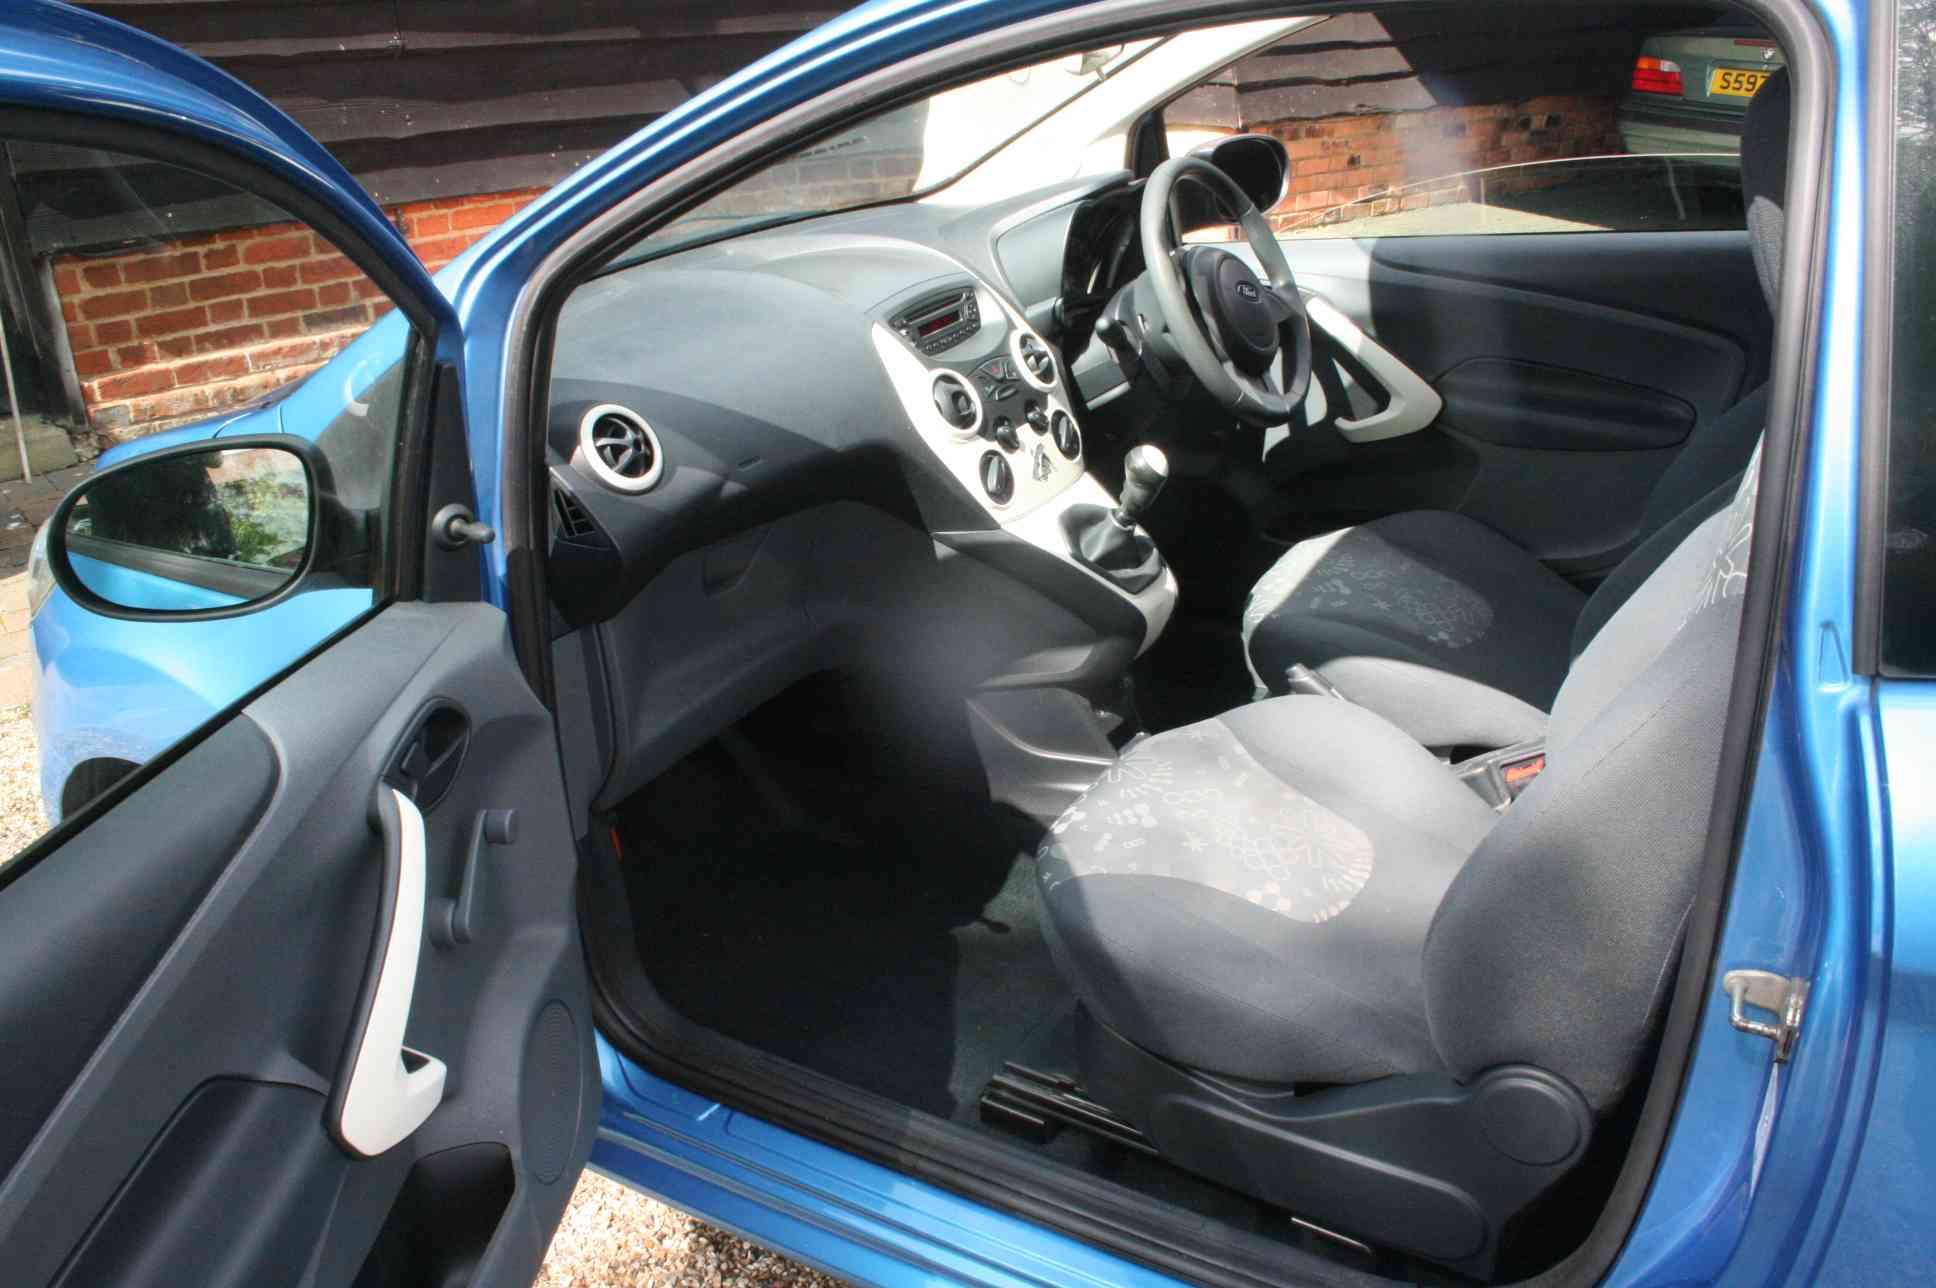 FORD KA Studio 3 Door Hatchback £2999